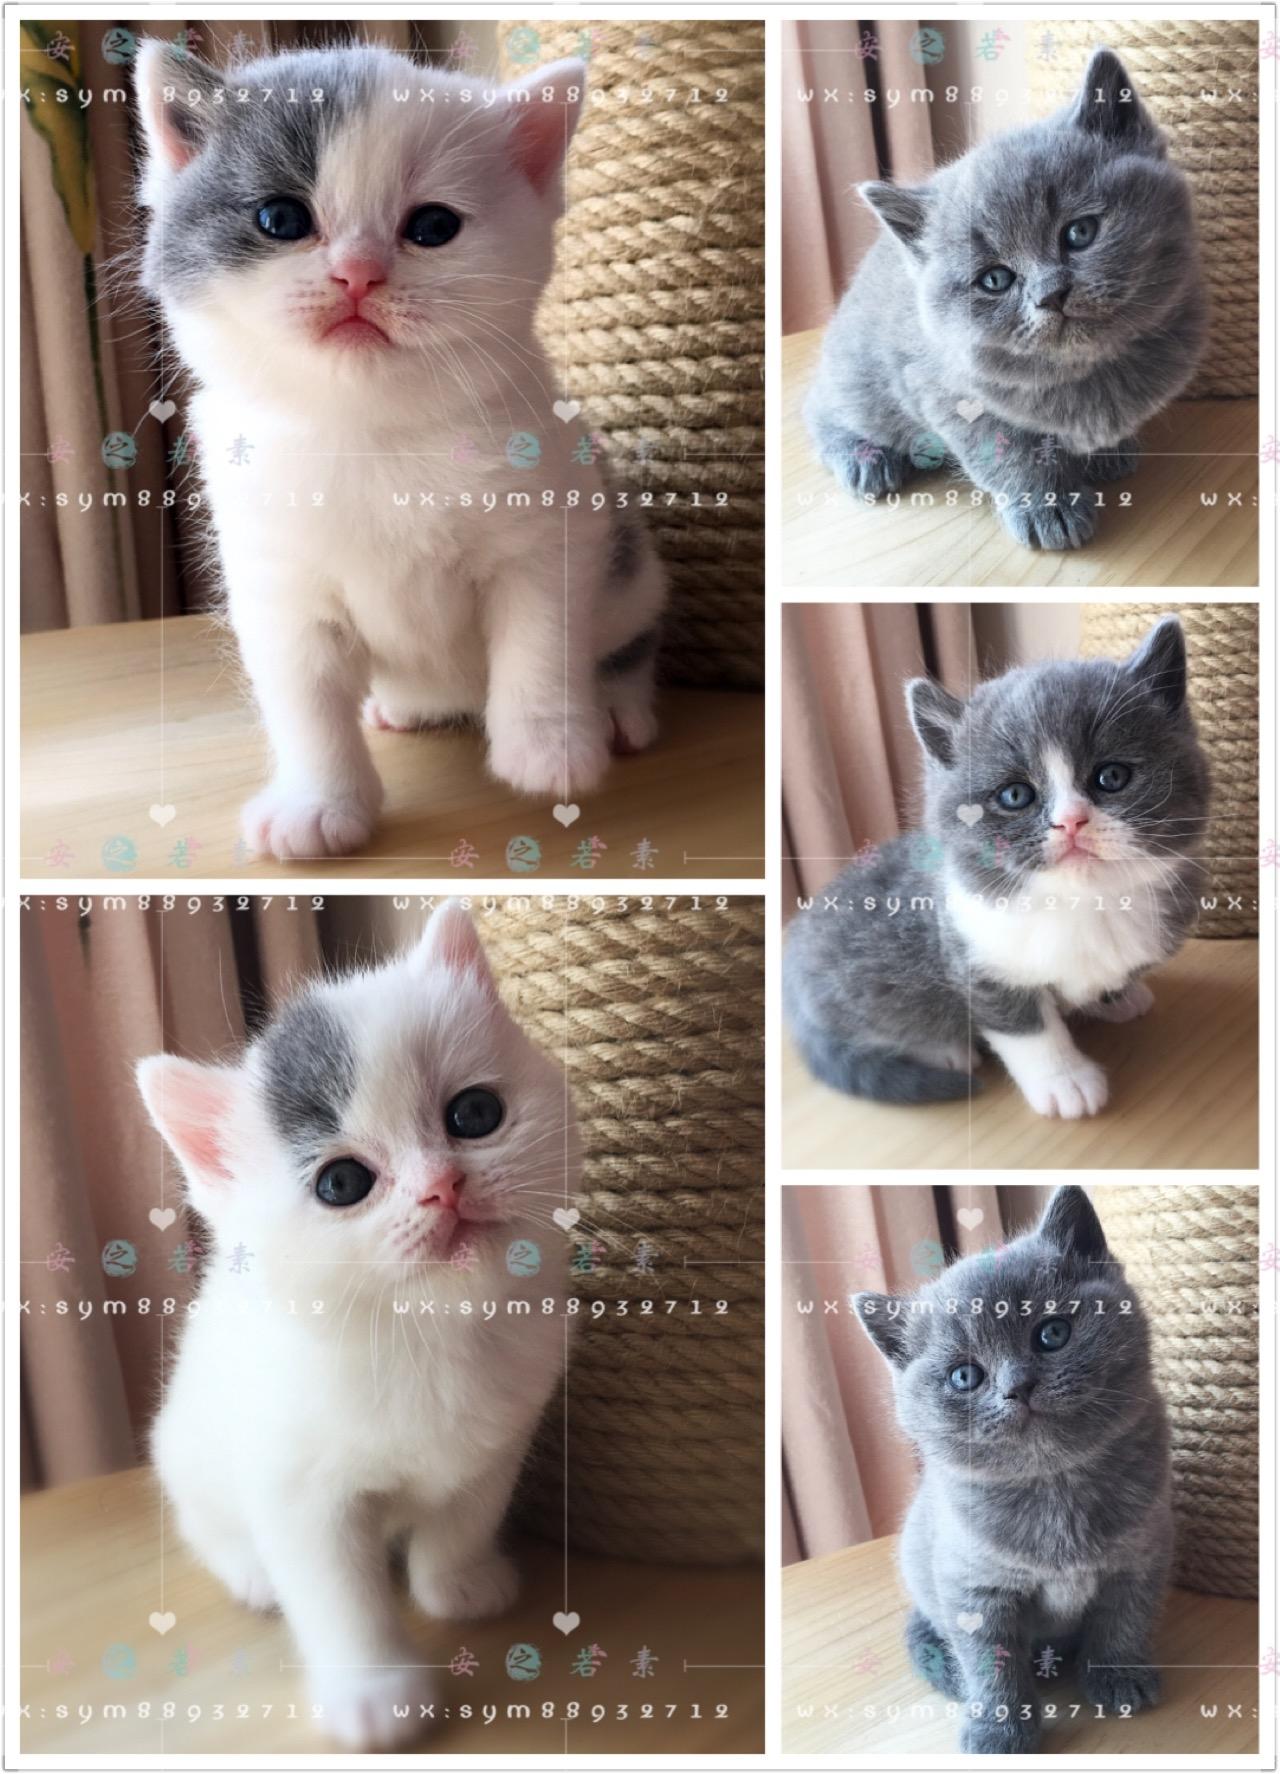 烟台论坛-烟台社区-英短蓝白@新生高品英短猫,蓝白双